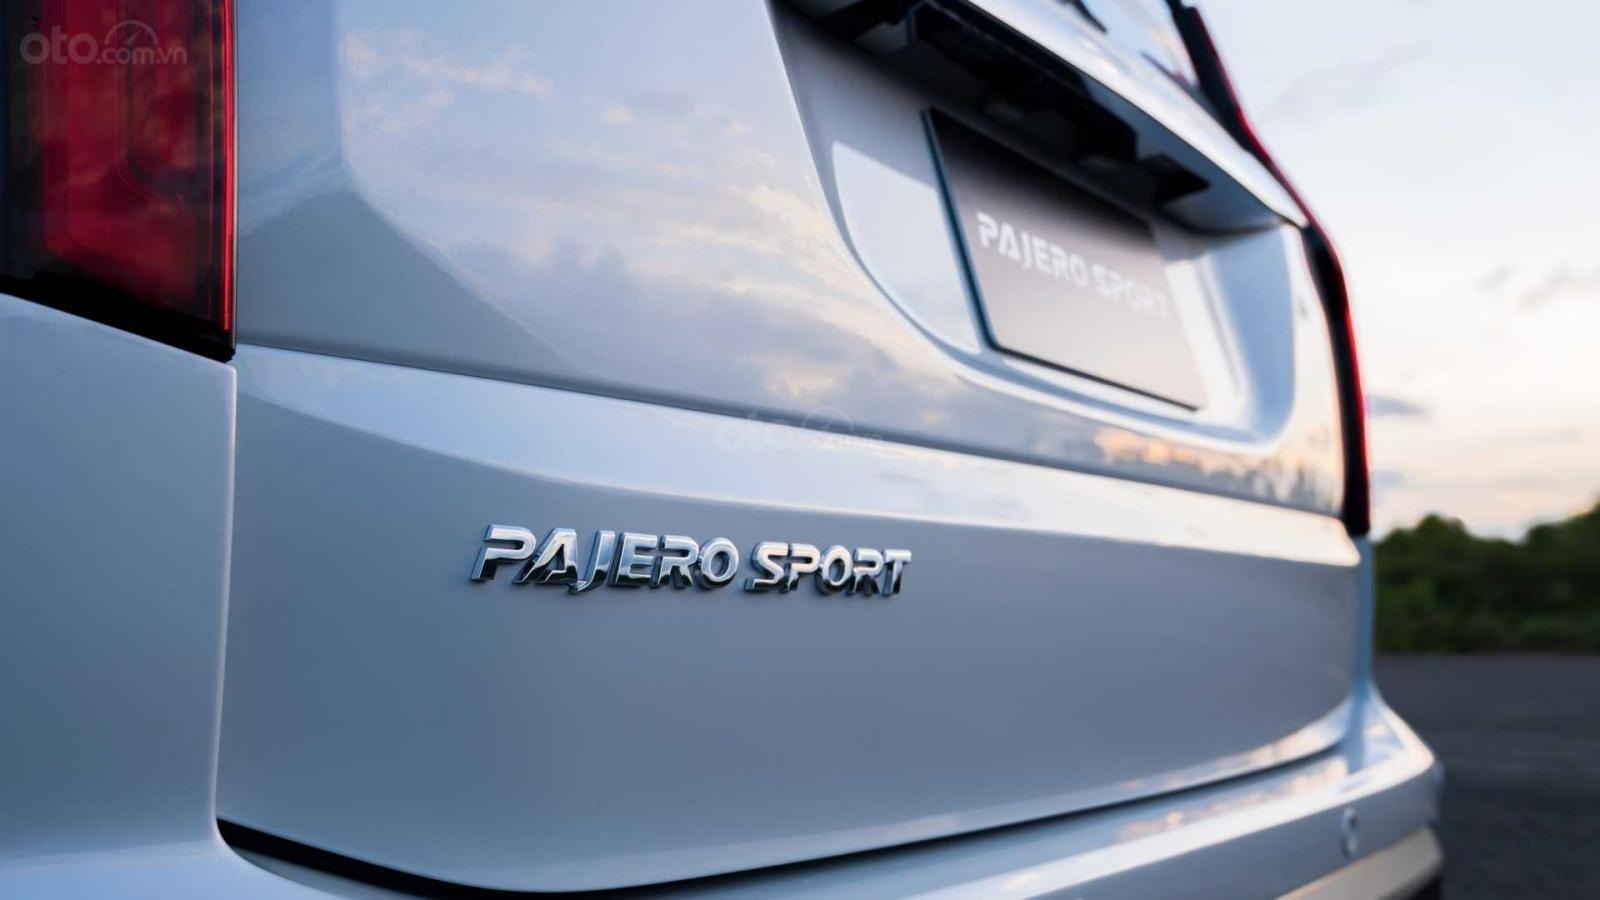 Nhìn nhanh điểm mới của Mitsubishi Pajero Sport 2020 so với bản cũ qua ảnh a15